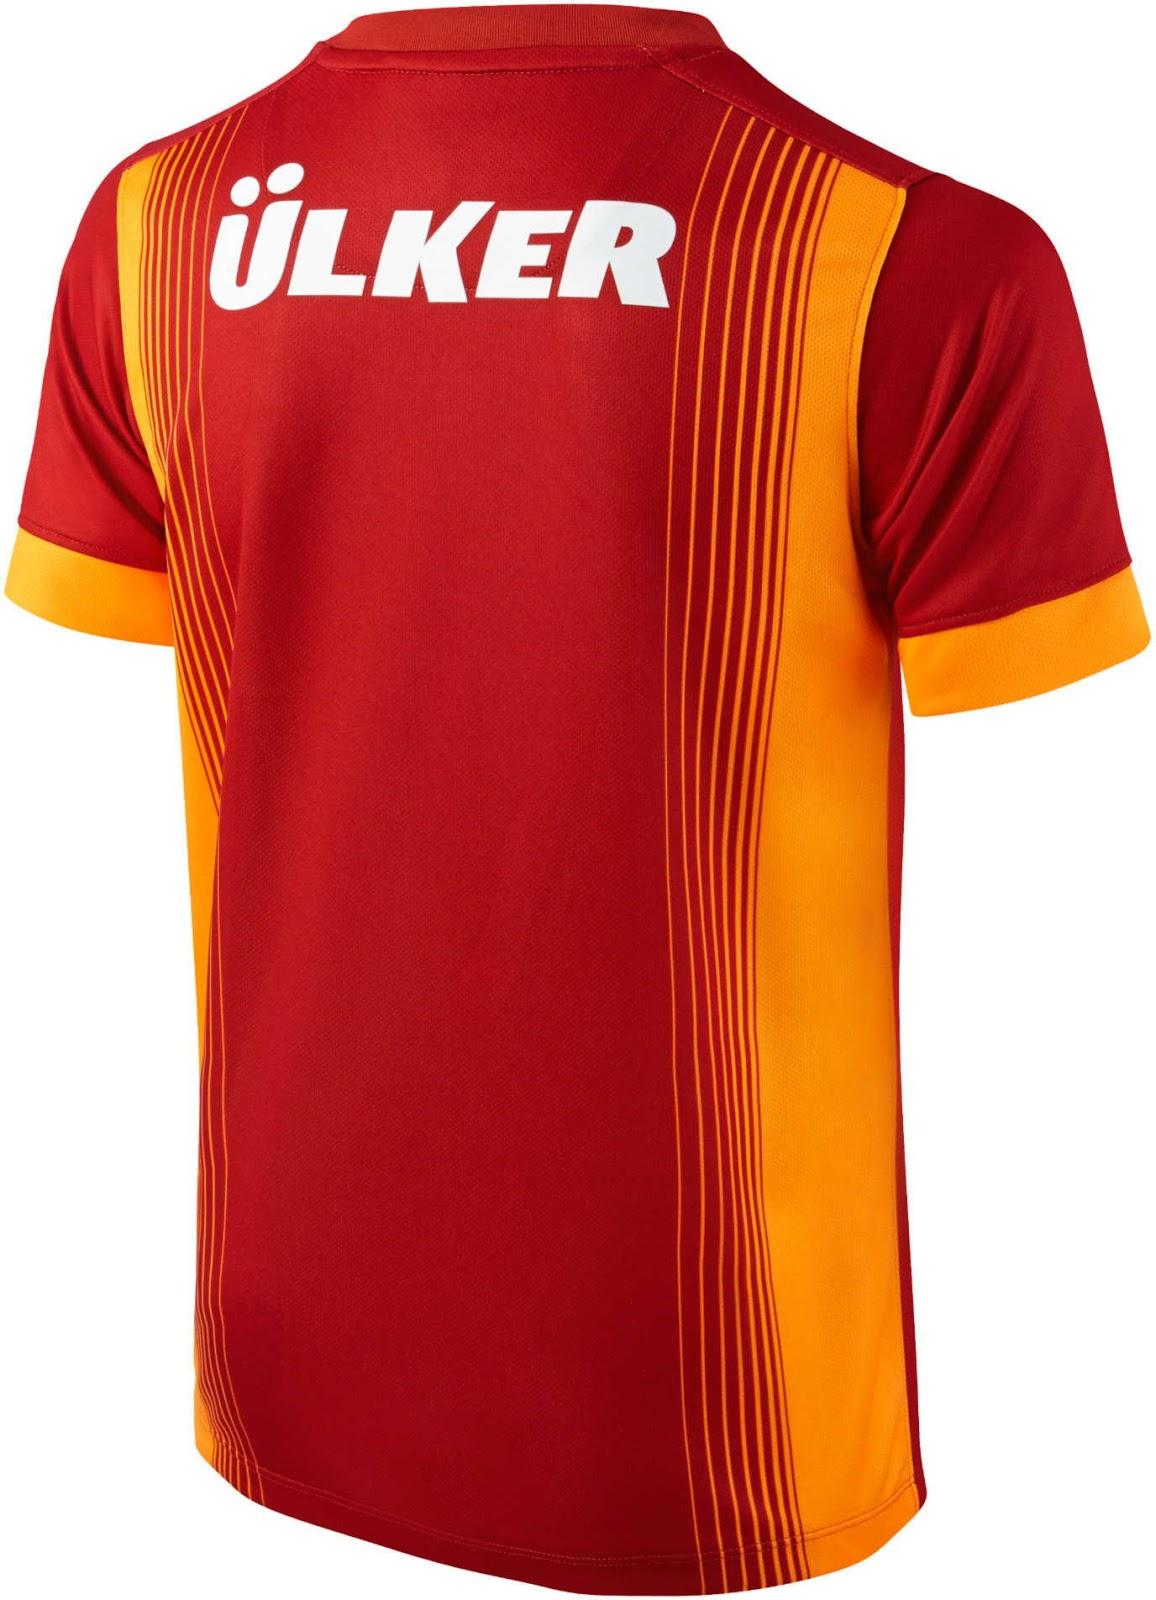 http://1.bp.blogspot.com/-vuDF16bO-FU/U8jc1vwAuUI/AAAAAAAAUY8/kvIU0Y89MrM/s1600/Galatasaray-14-15-Home-Kit+(2).jpg